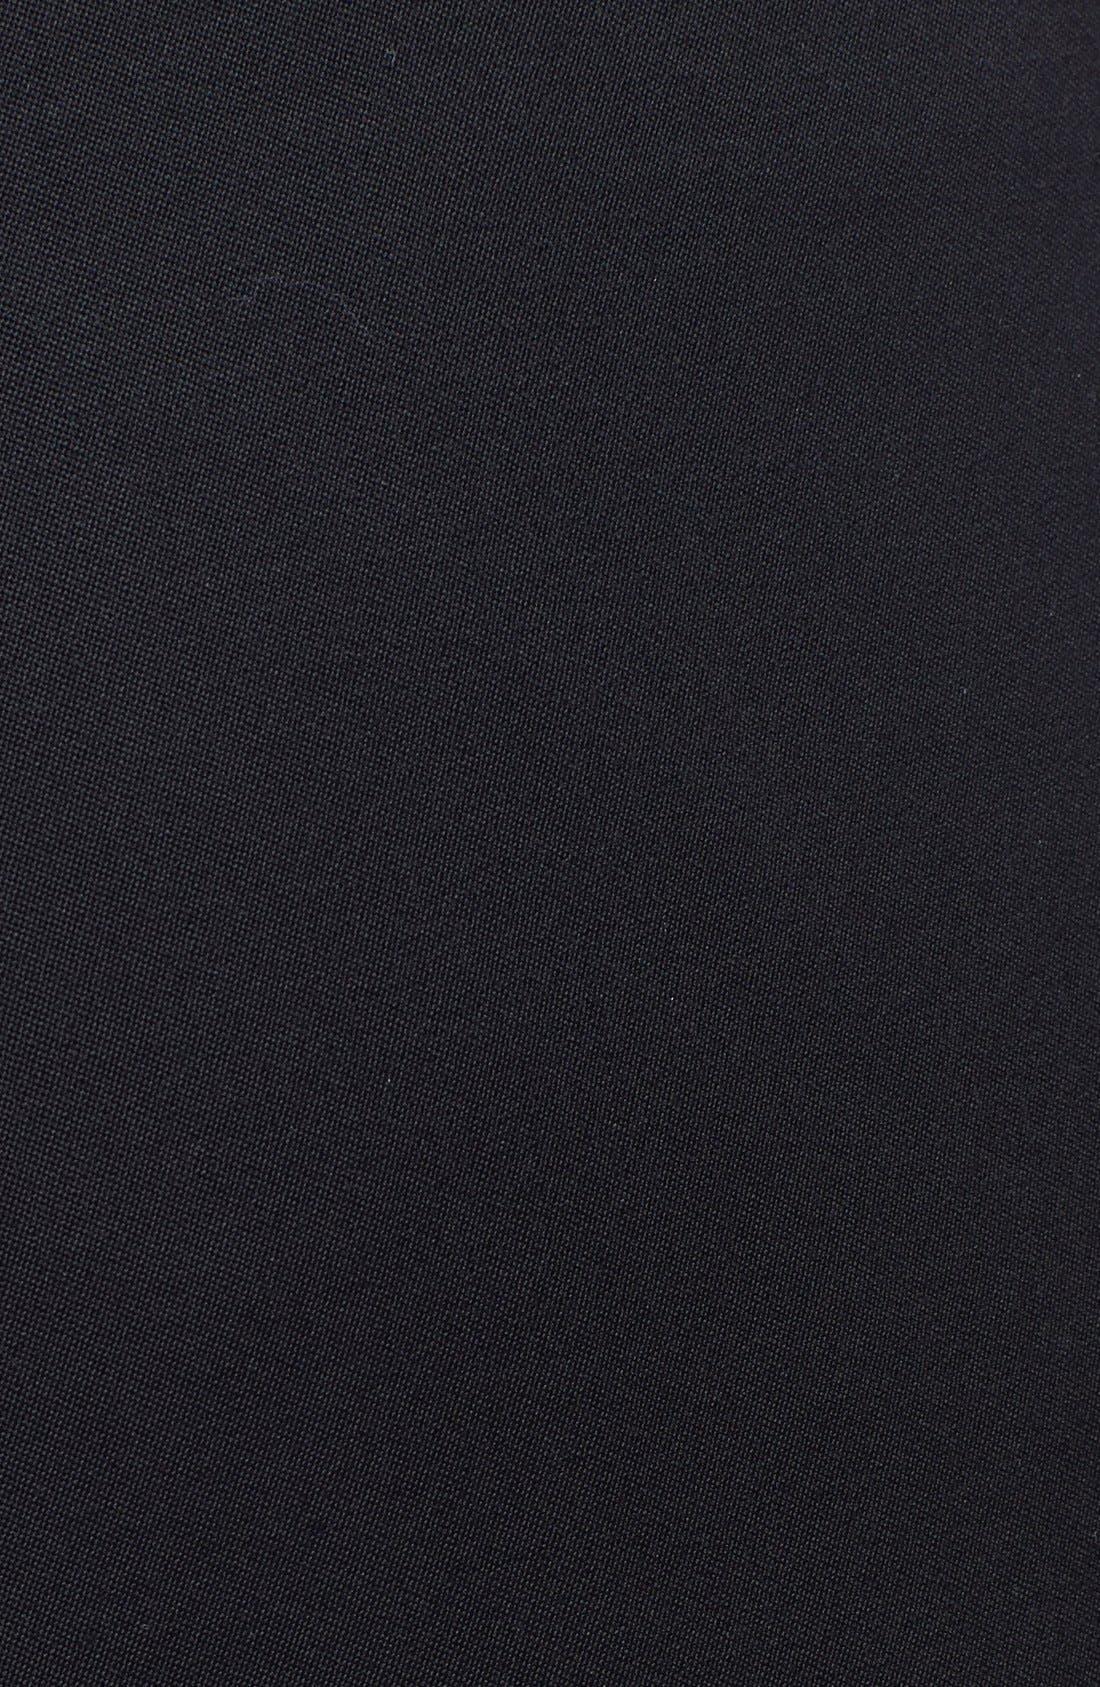 Alternate Image 3  - Junya Watanabe Crop Wool Pants